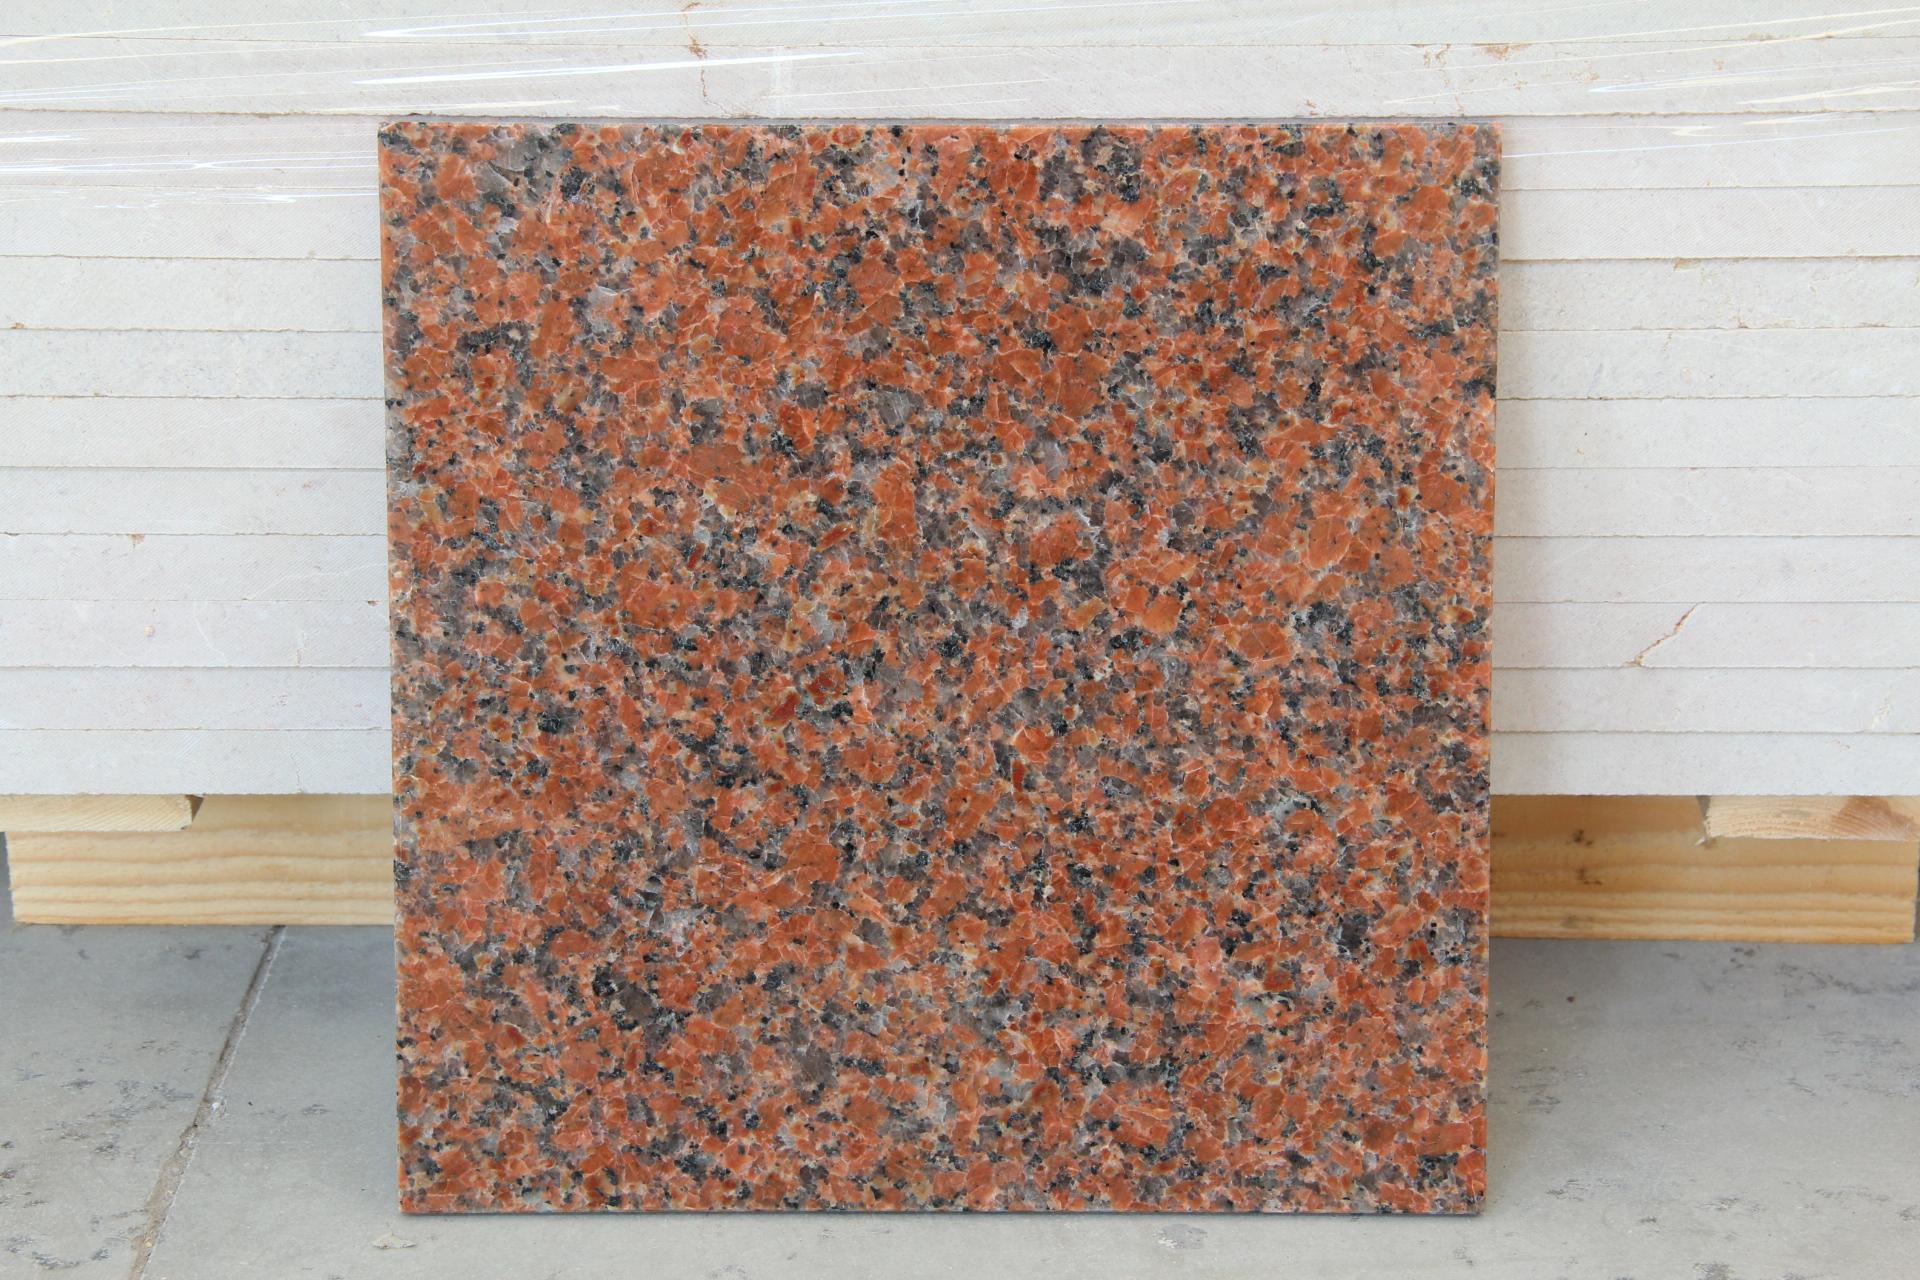 Pavimento Marmo Rosso : Foto pavimento di granito in saldo e scontato